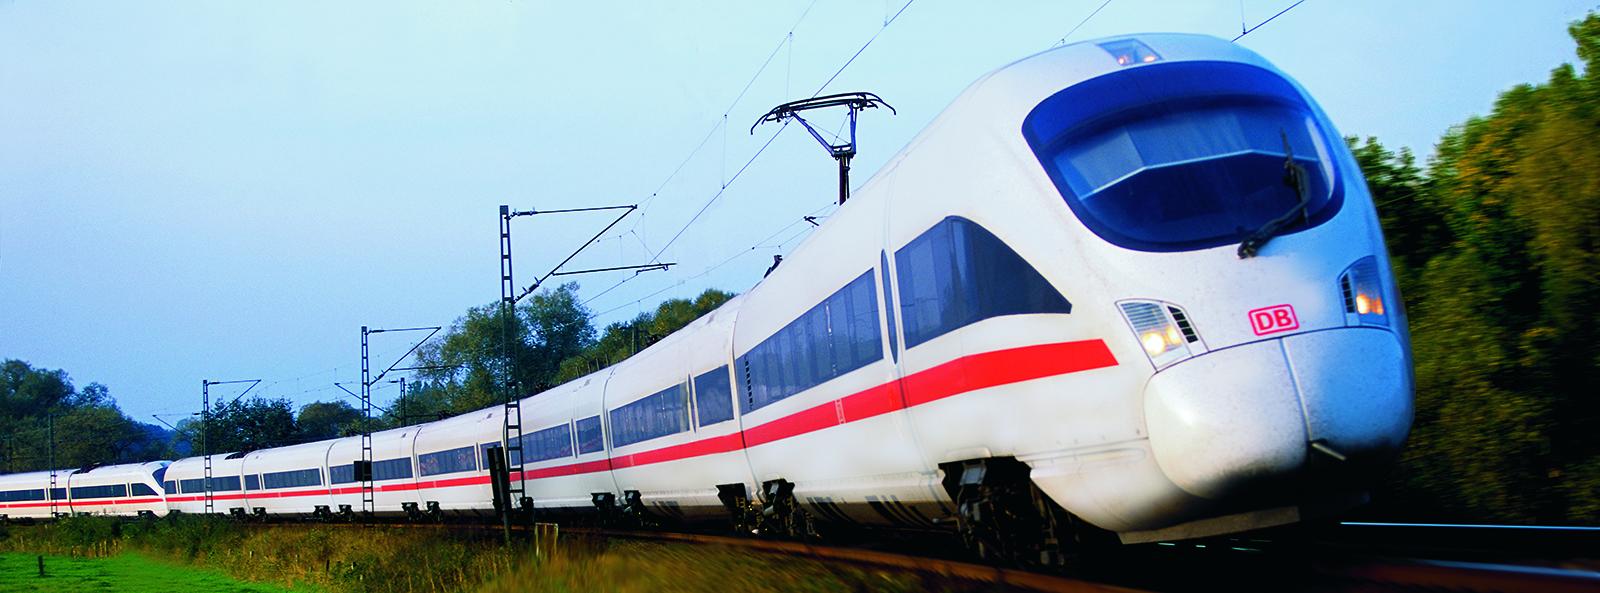 Deutsche Bahn Jumbo Travel